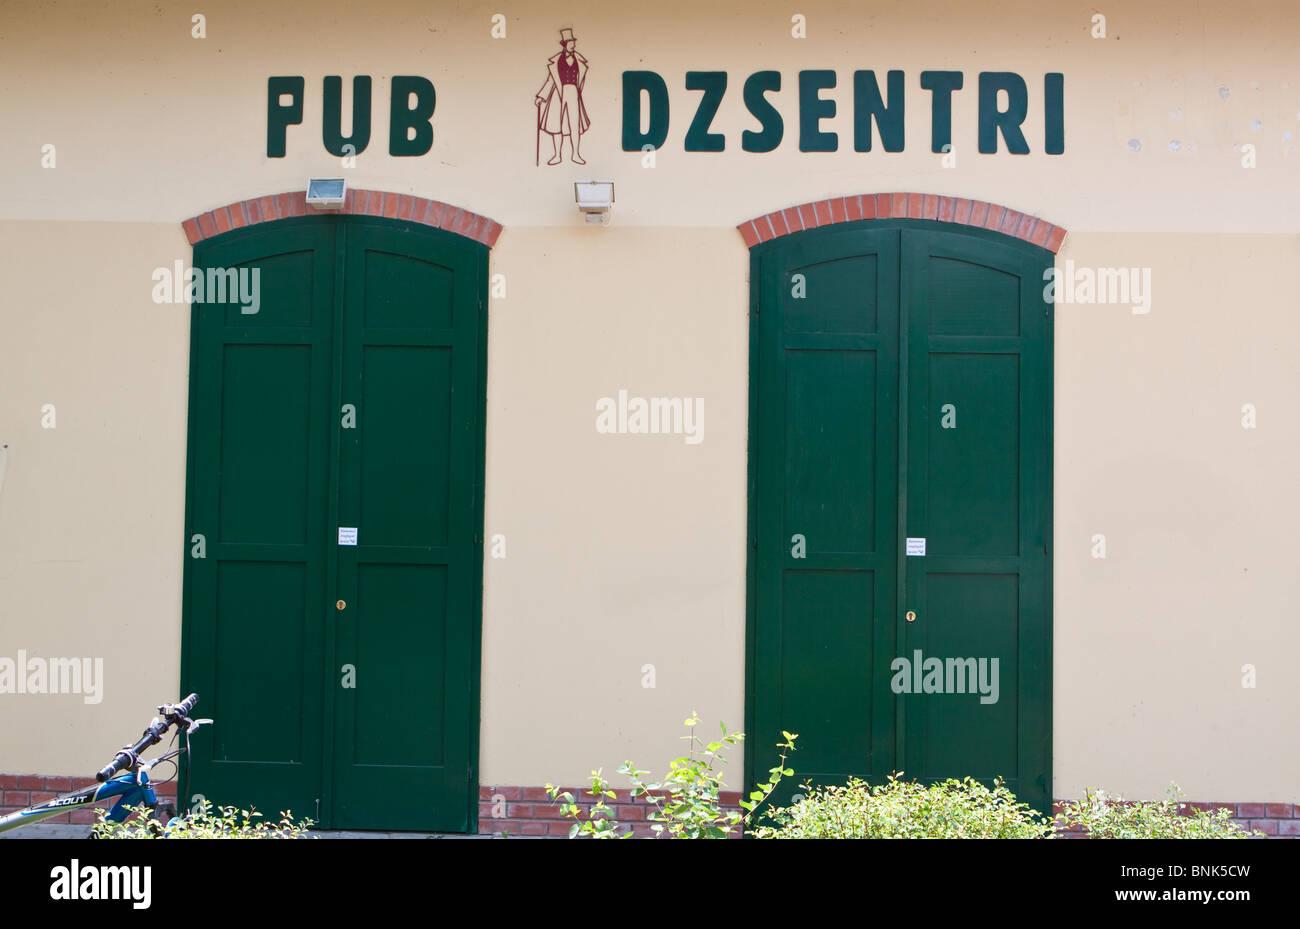 Nombre Pub humorístico en Siofok, en la costa del Lago Balaton, Hungría Imagen De Stock